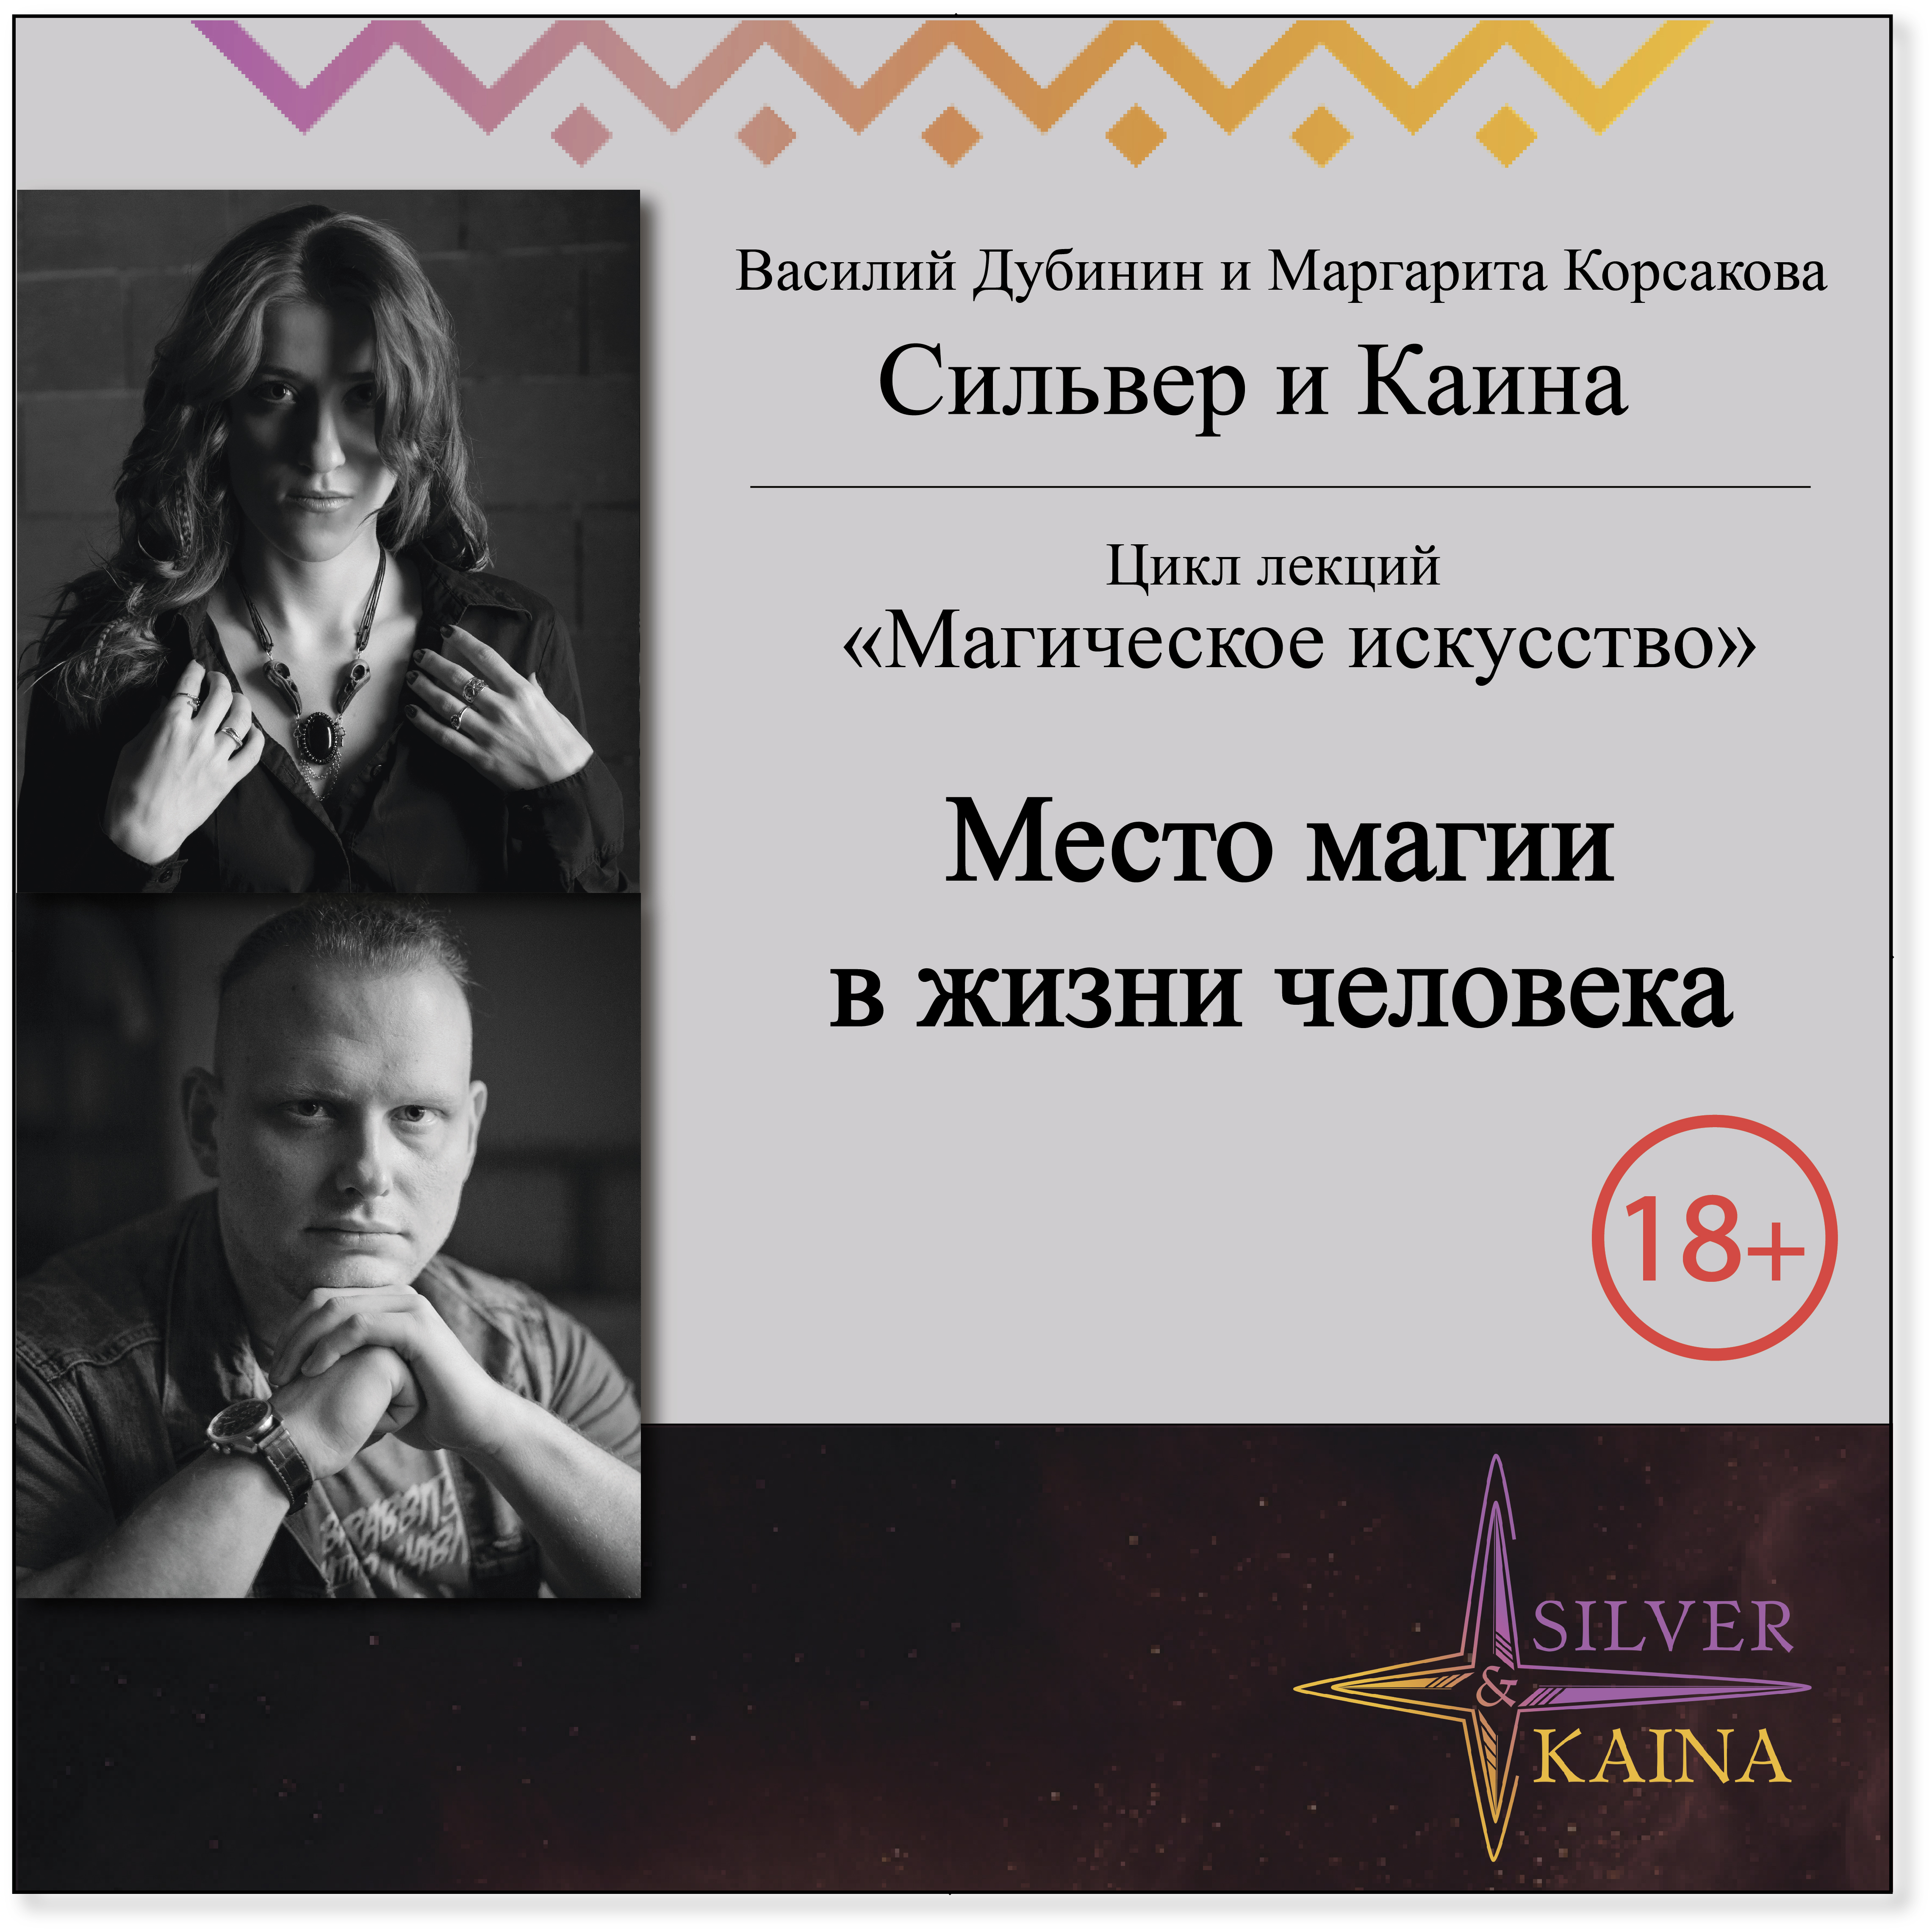 Маргарита Корсакова Место магии в жизни человека источник магии